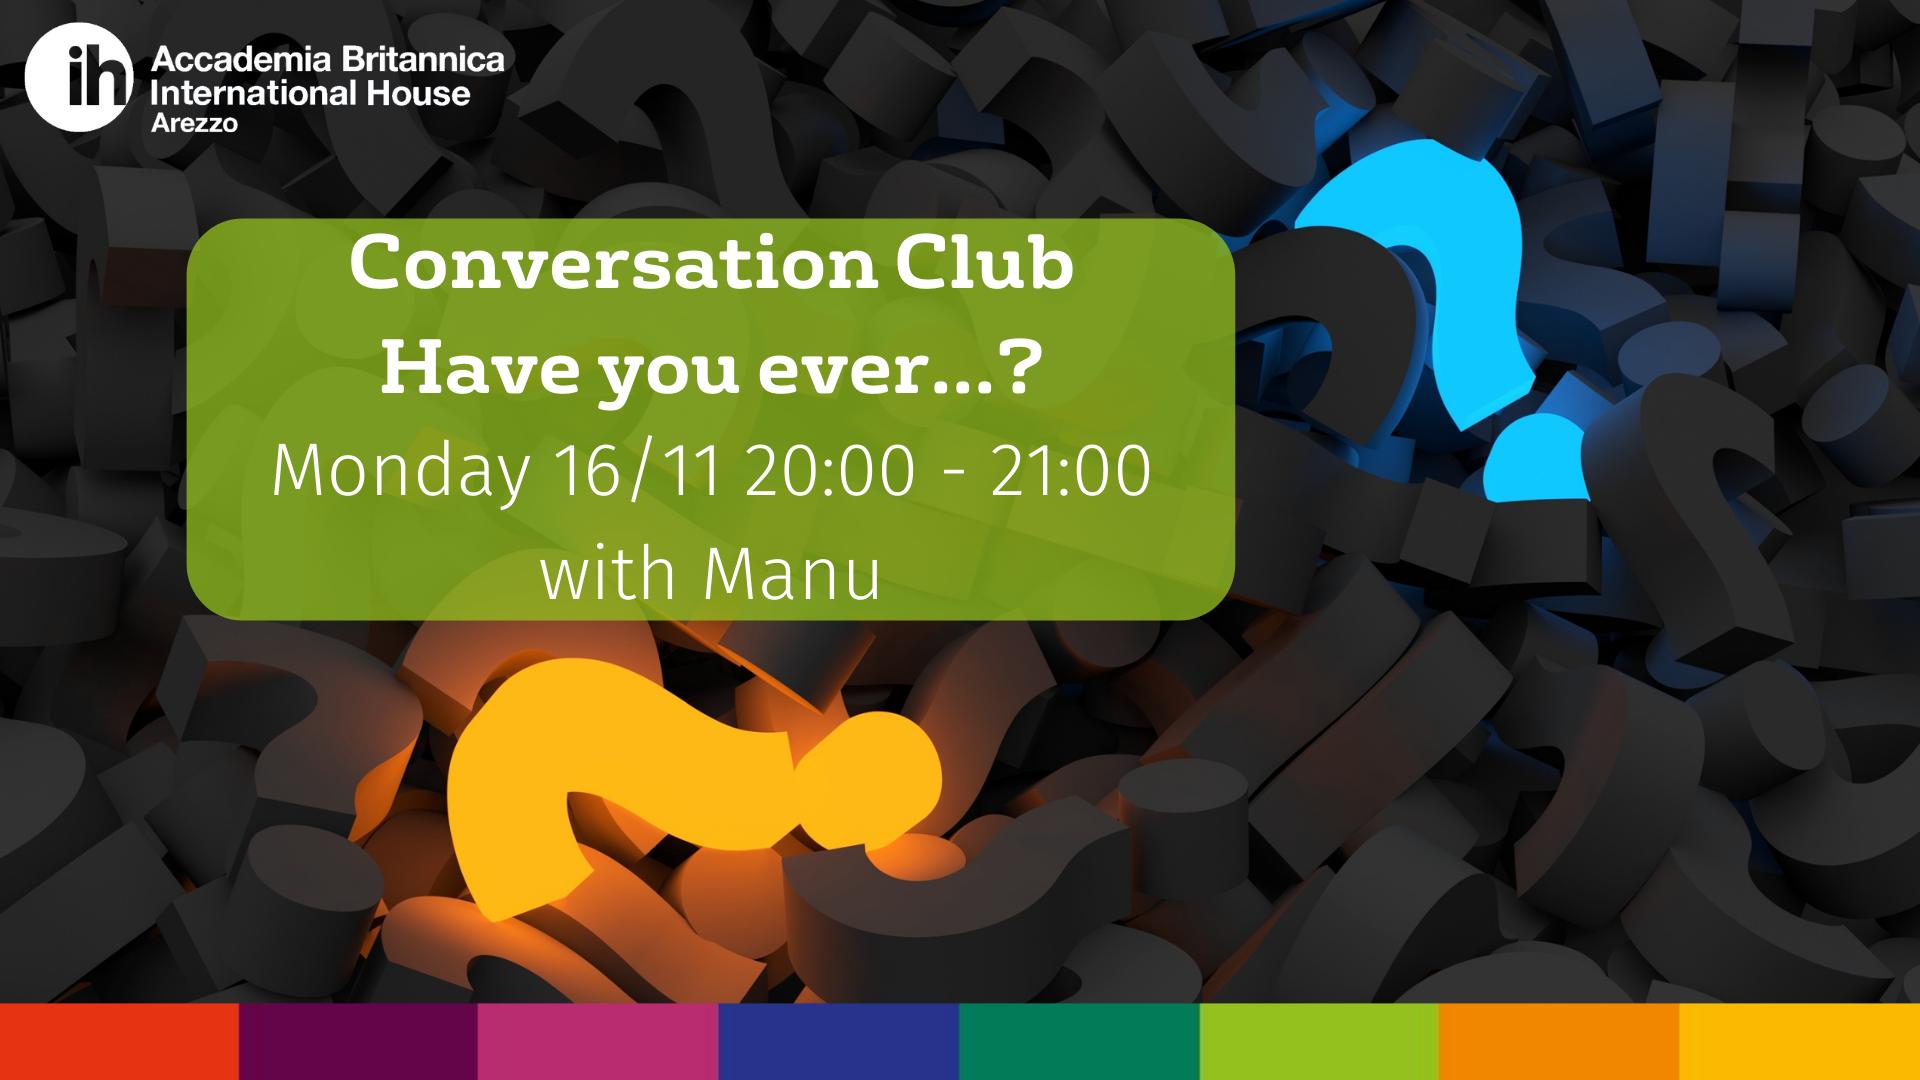 Conversation Club 16.11.20 | Accademia Britannica IH Arezzo